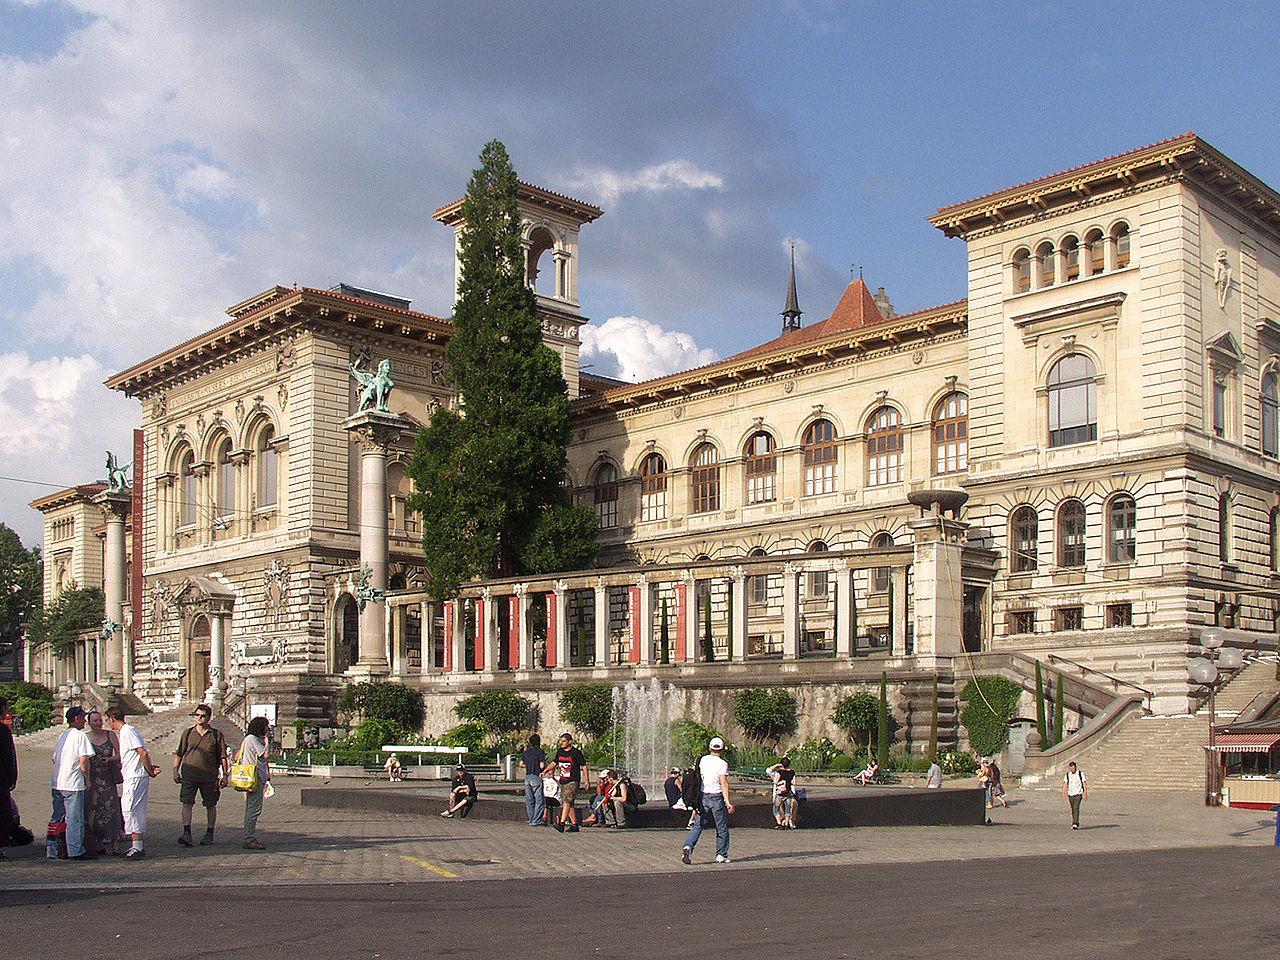 โลซาน-มหาวิทยาลัยโลซาน